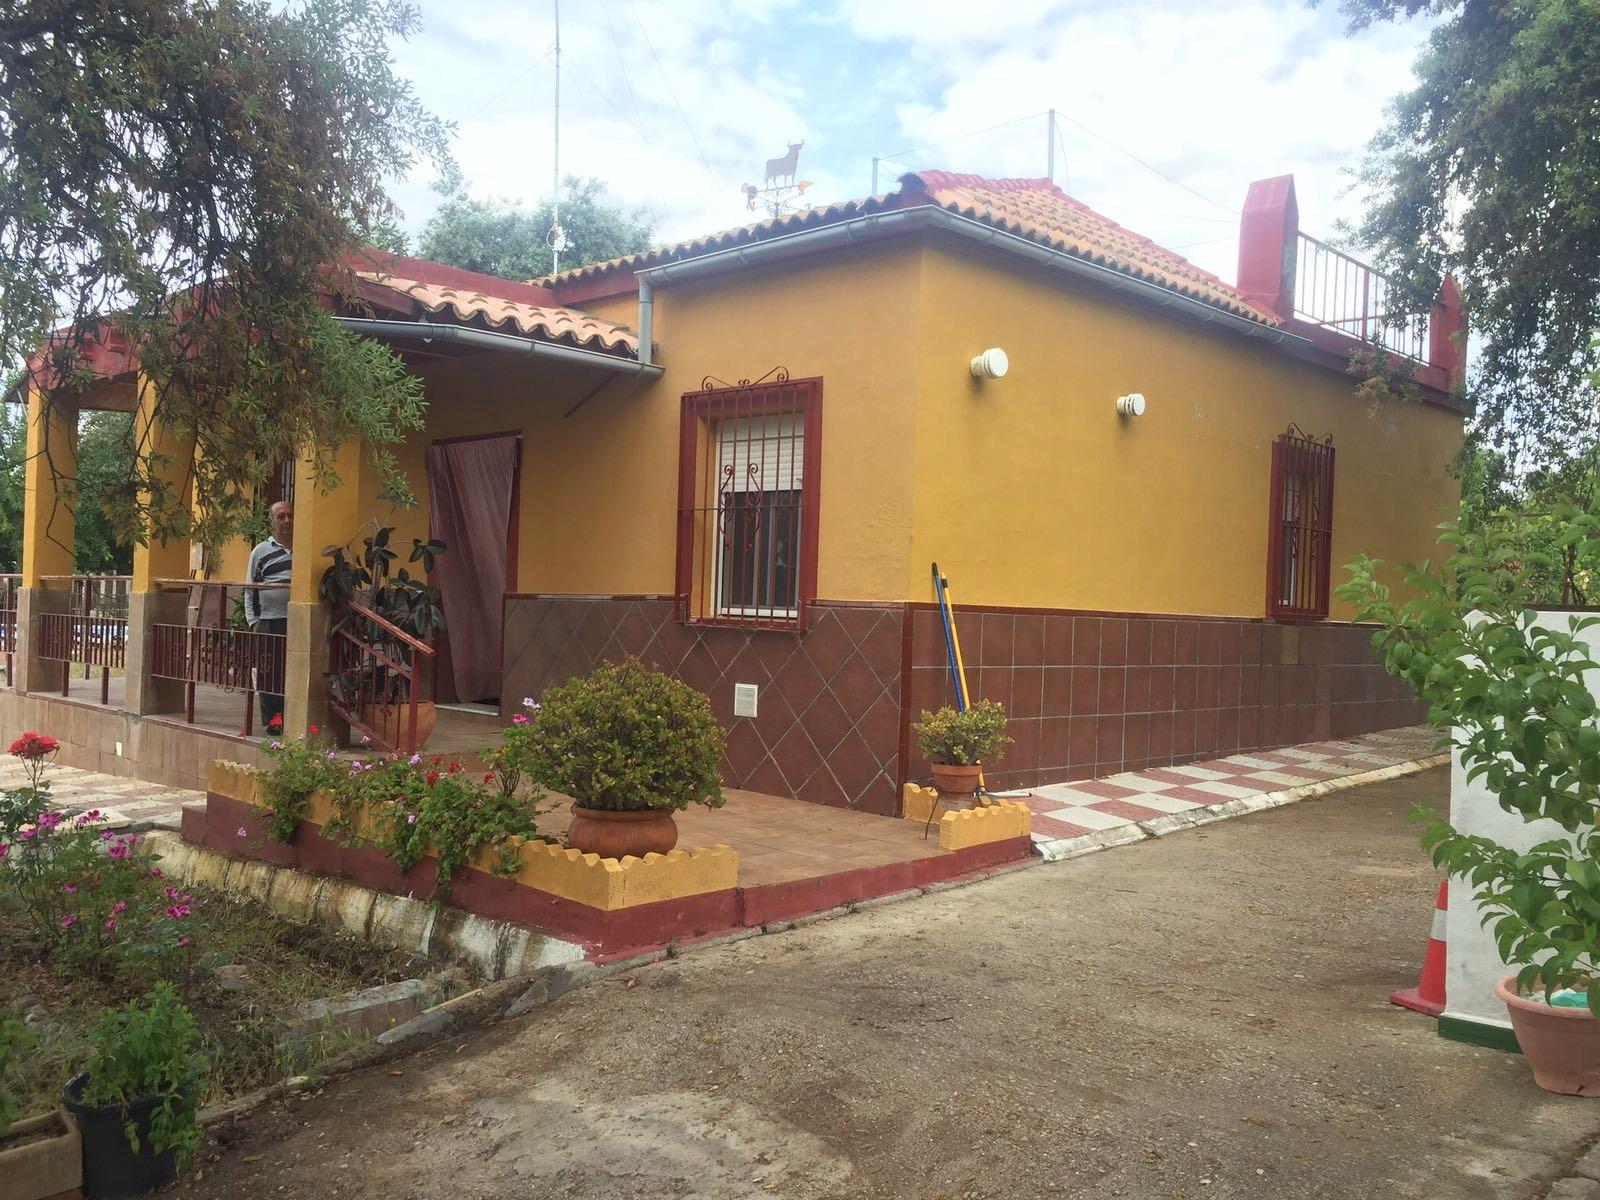 Parcela en venta en Sierra Norte en Castilblanco de los Arroyos (SN60).